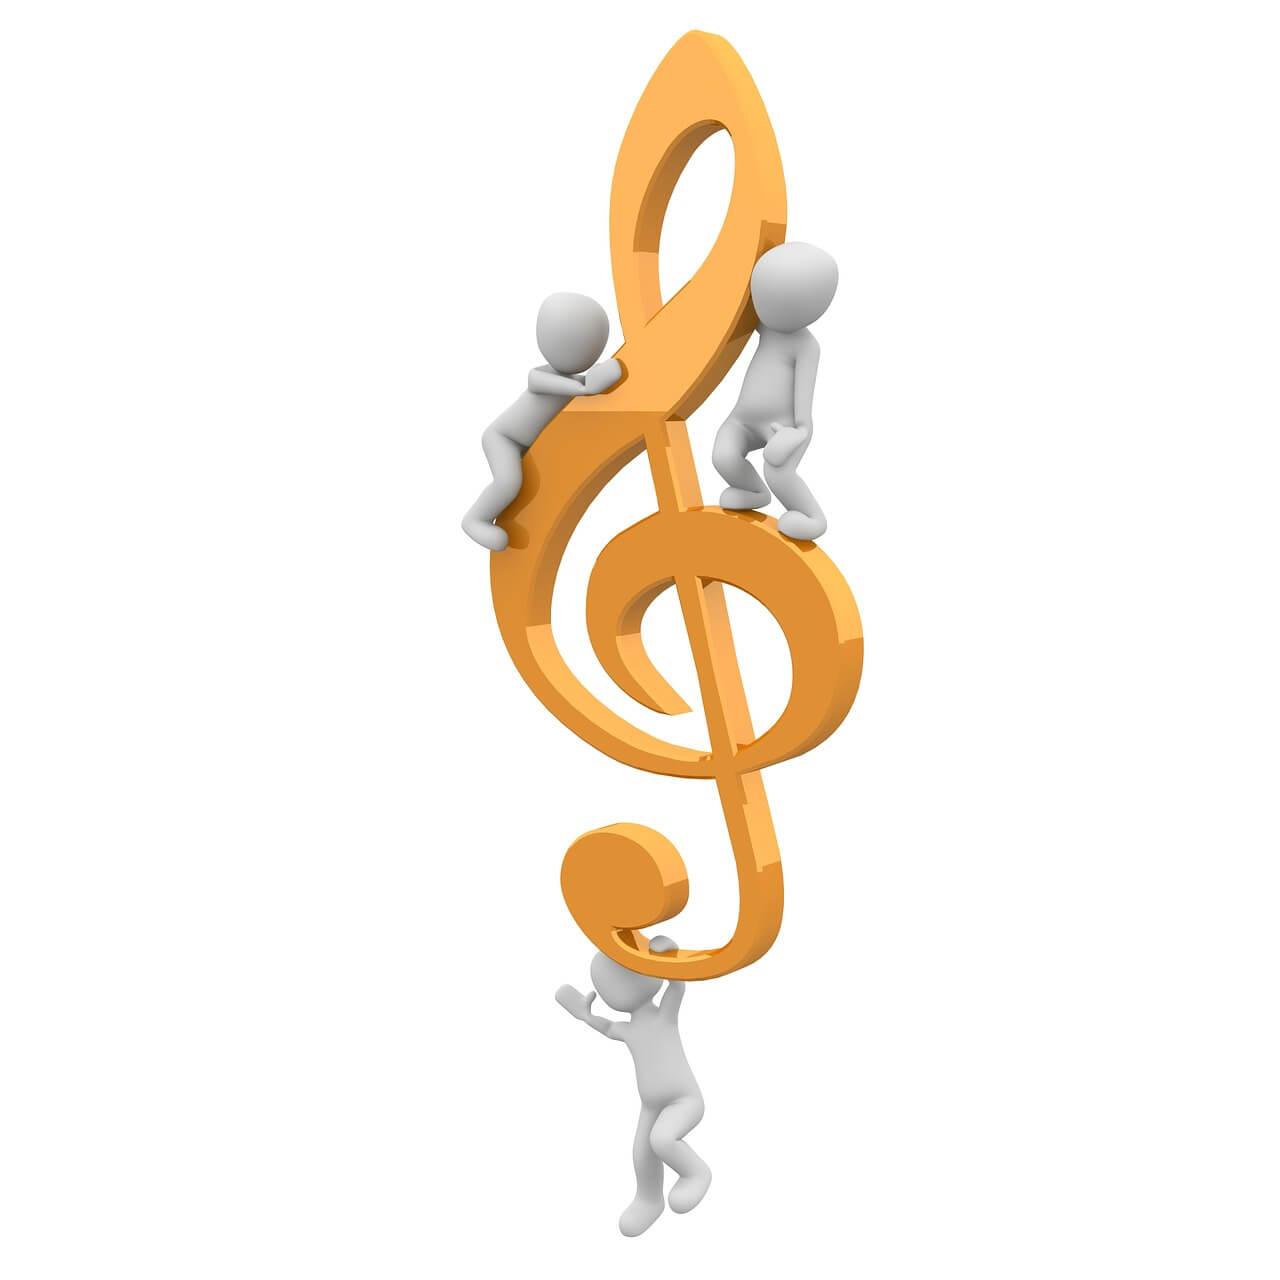 Επιμορφωτικές συναντήσεις εκπαιδευτικών Μουσικής για το Μαθητικό Ραδιόφωνο